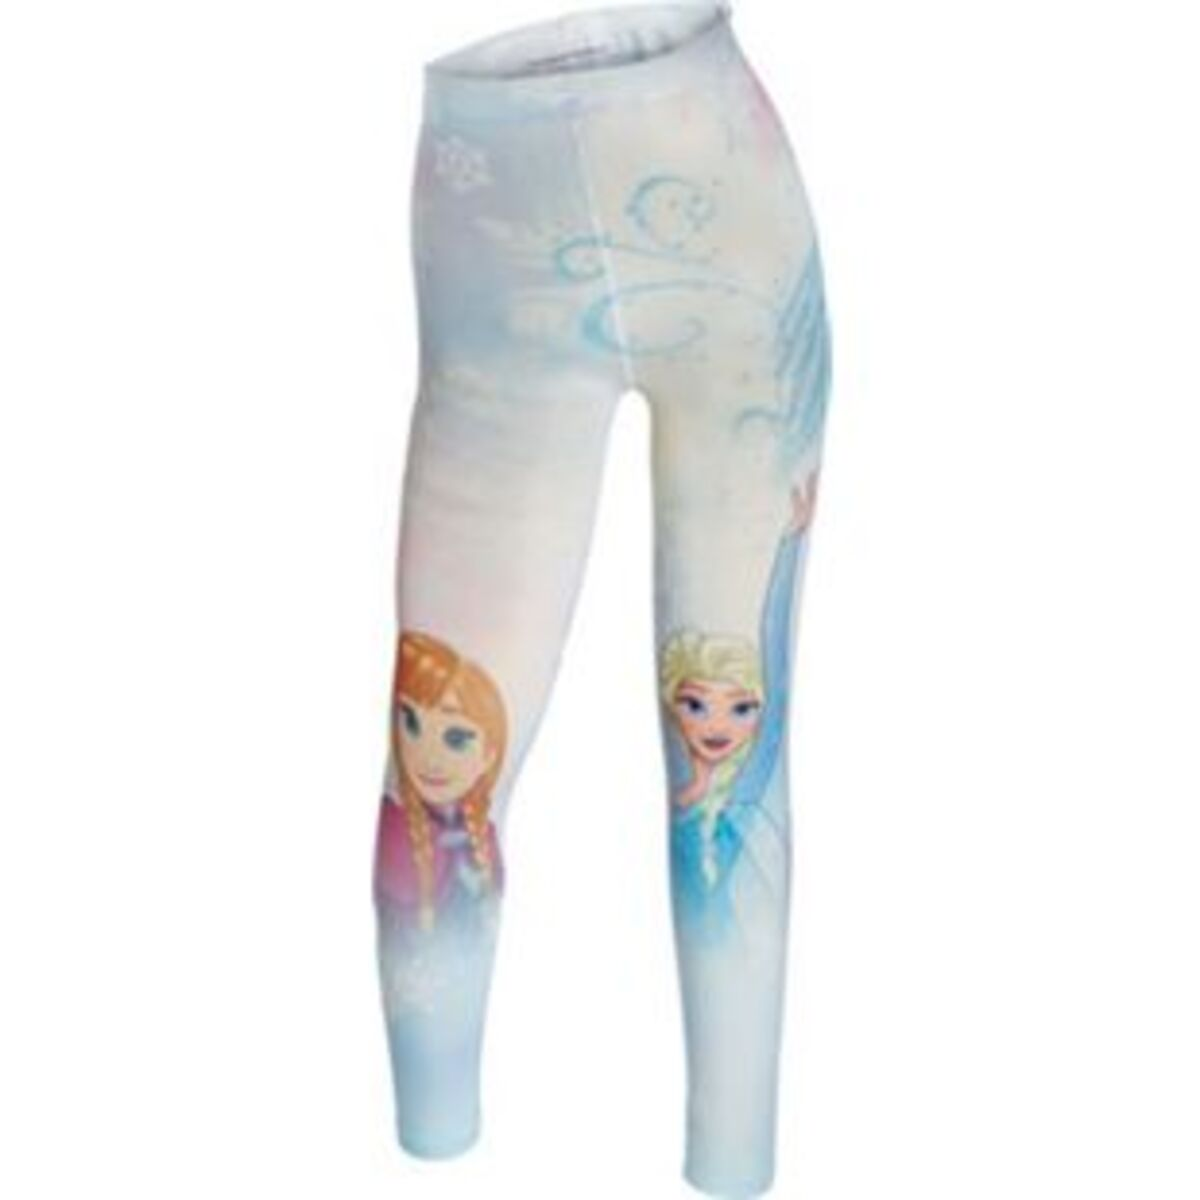 Bild 2 von Mädchen Legging Frozen Anna & Elsa, Größe 92/98